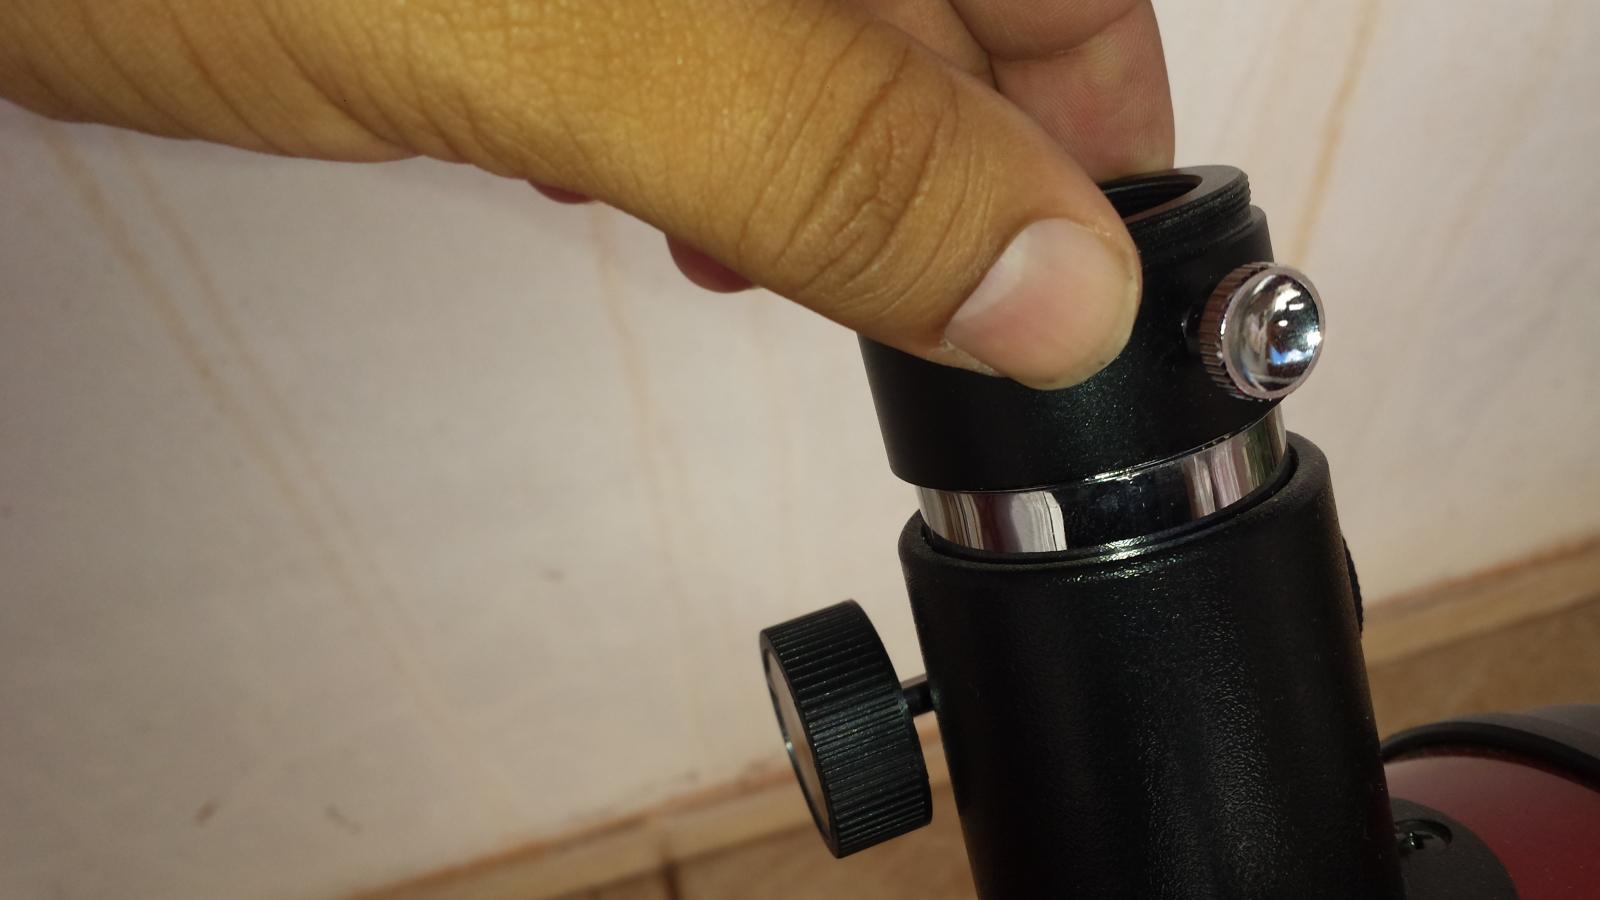 Não consigo foco com o Redutor focal  9kmtdy